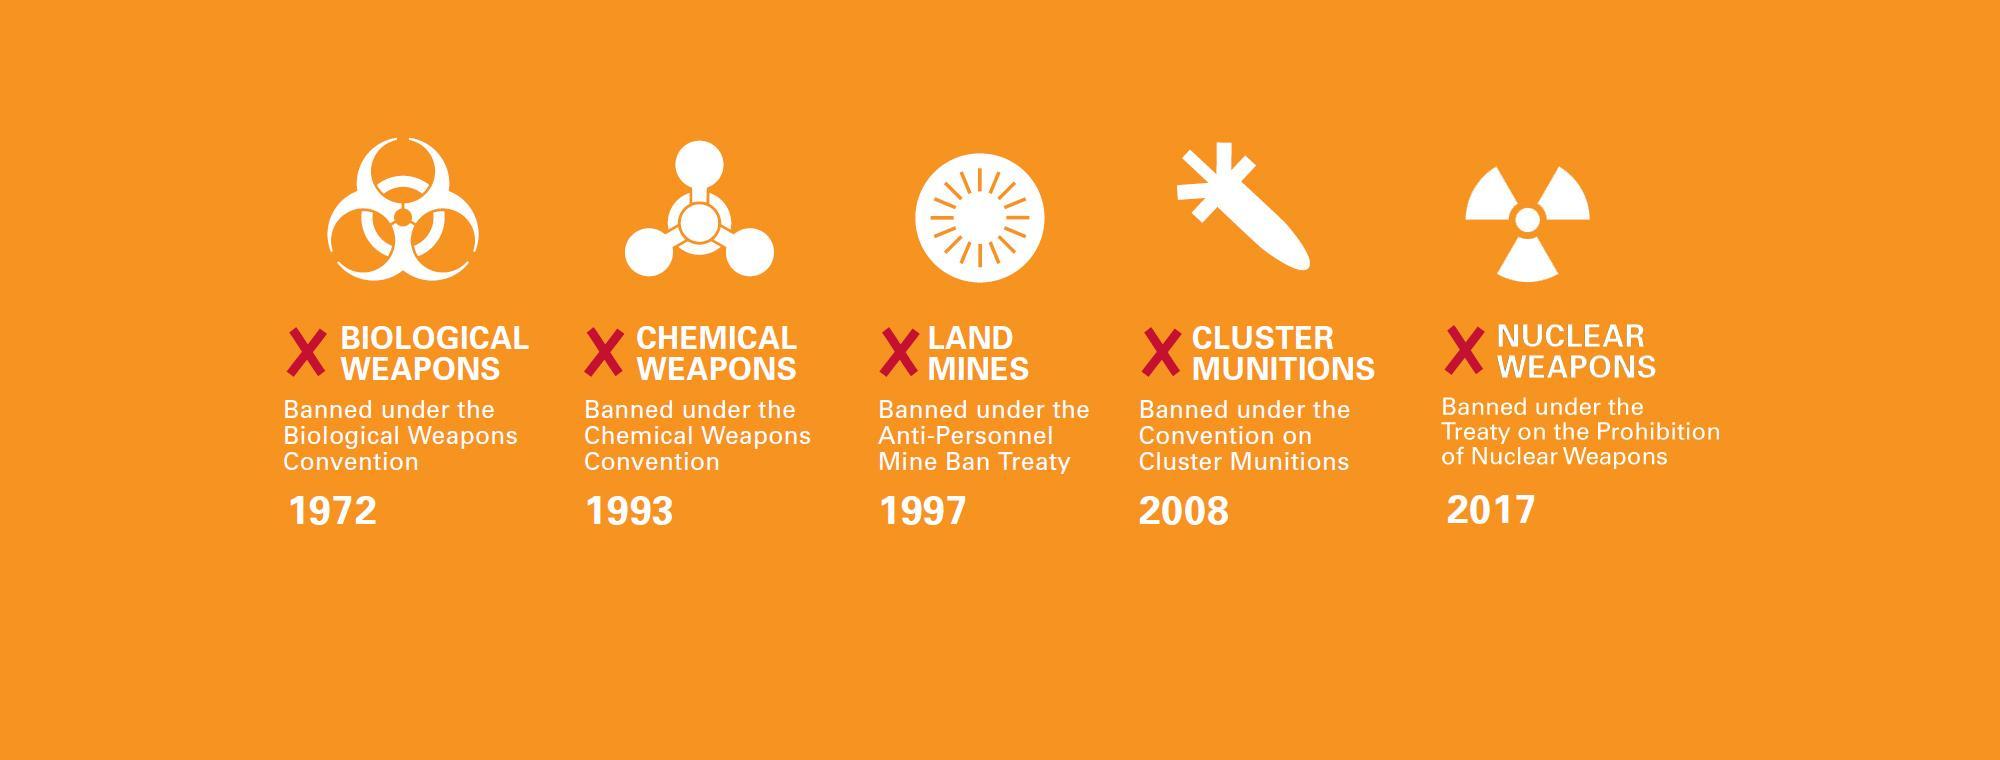 Ban Treaties